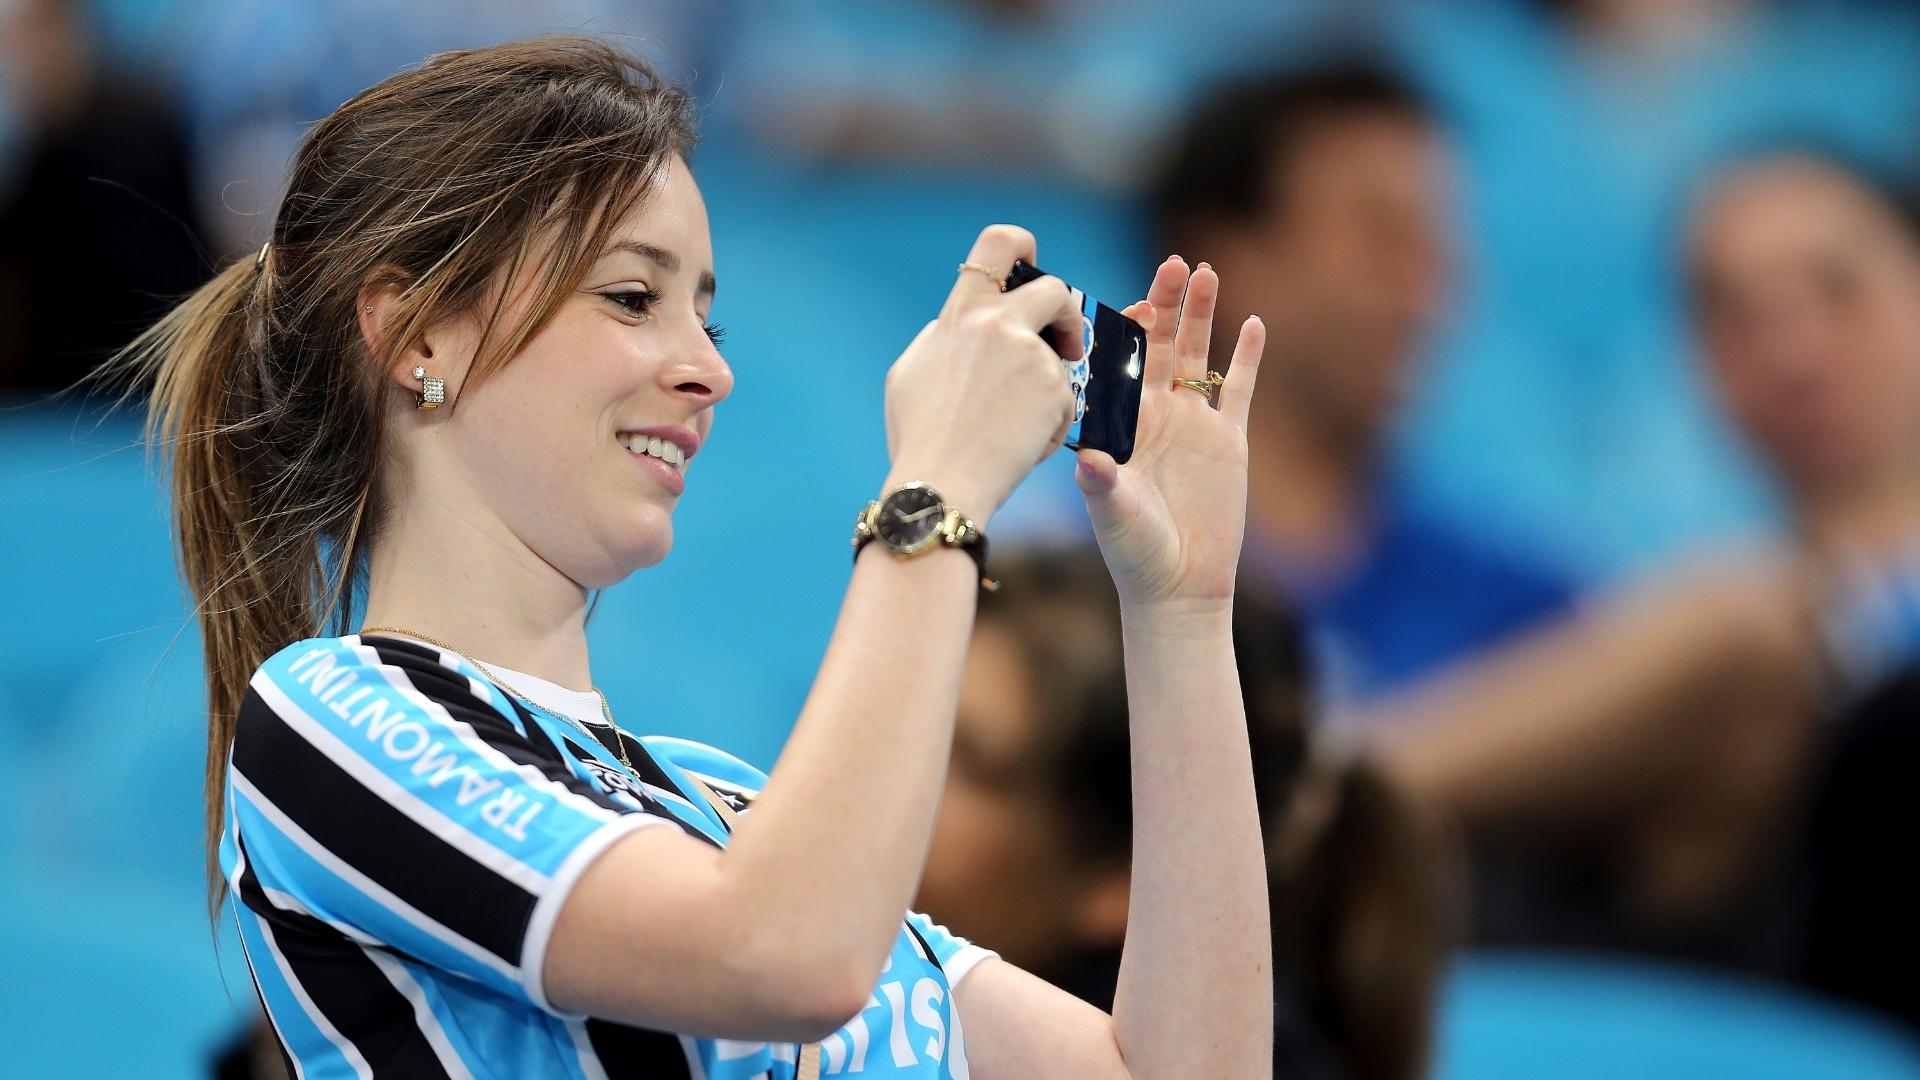 Torcedora do Grêmio registra semifinal contra o Atlético-PR pela Copa do Brasil